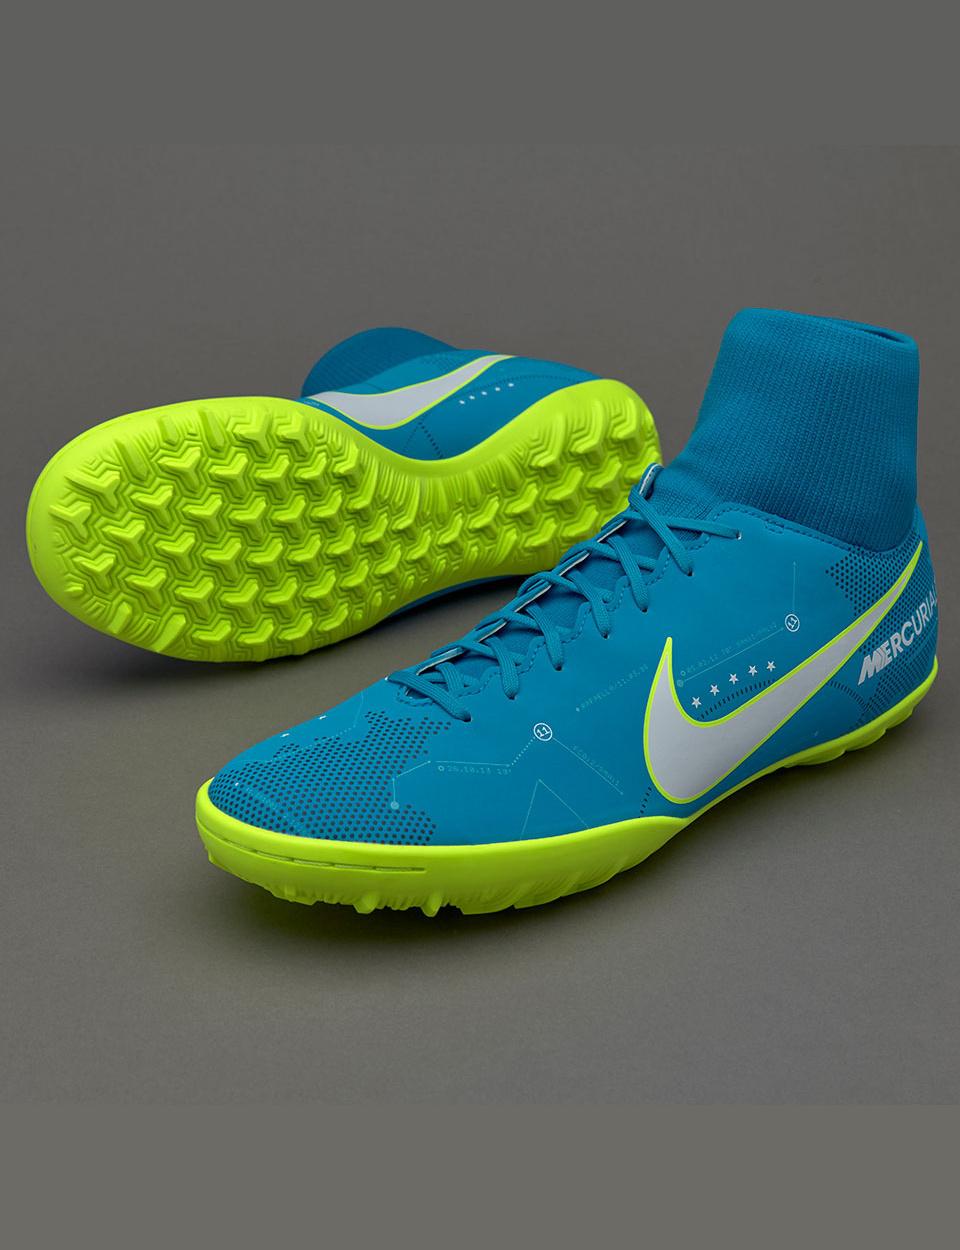 Scarpe calcetto Nike Victory VI Dynamic Fit Neymar jr Turf con ... 77a528de20e